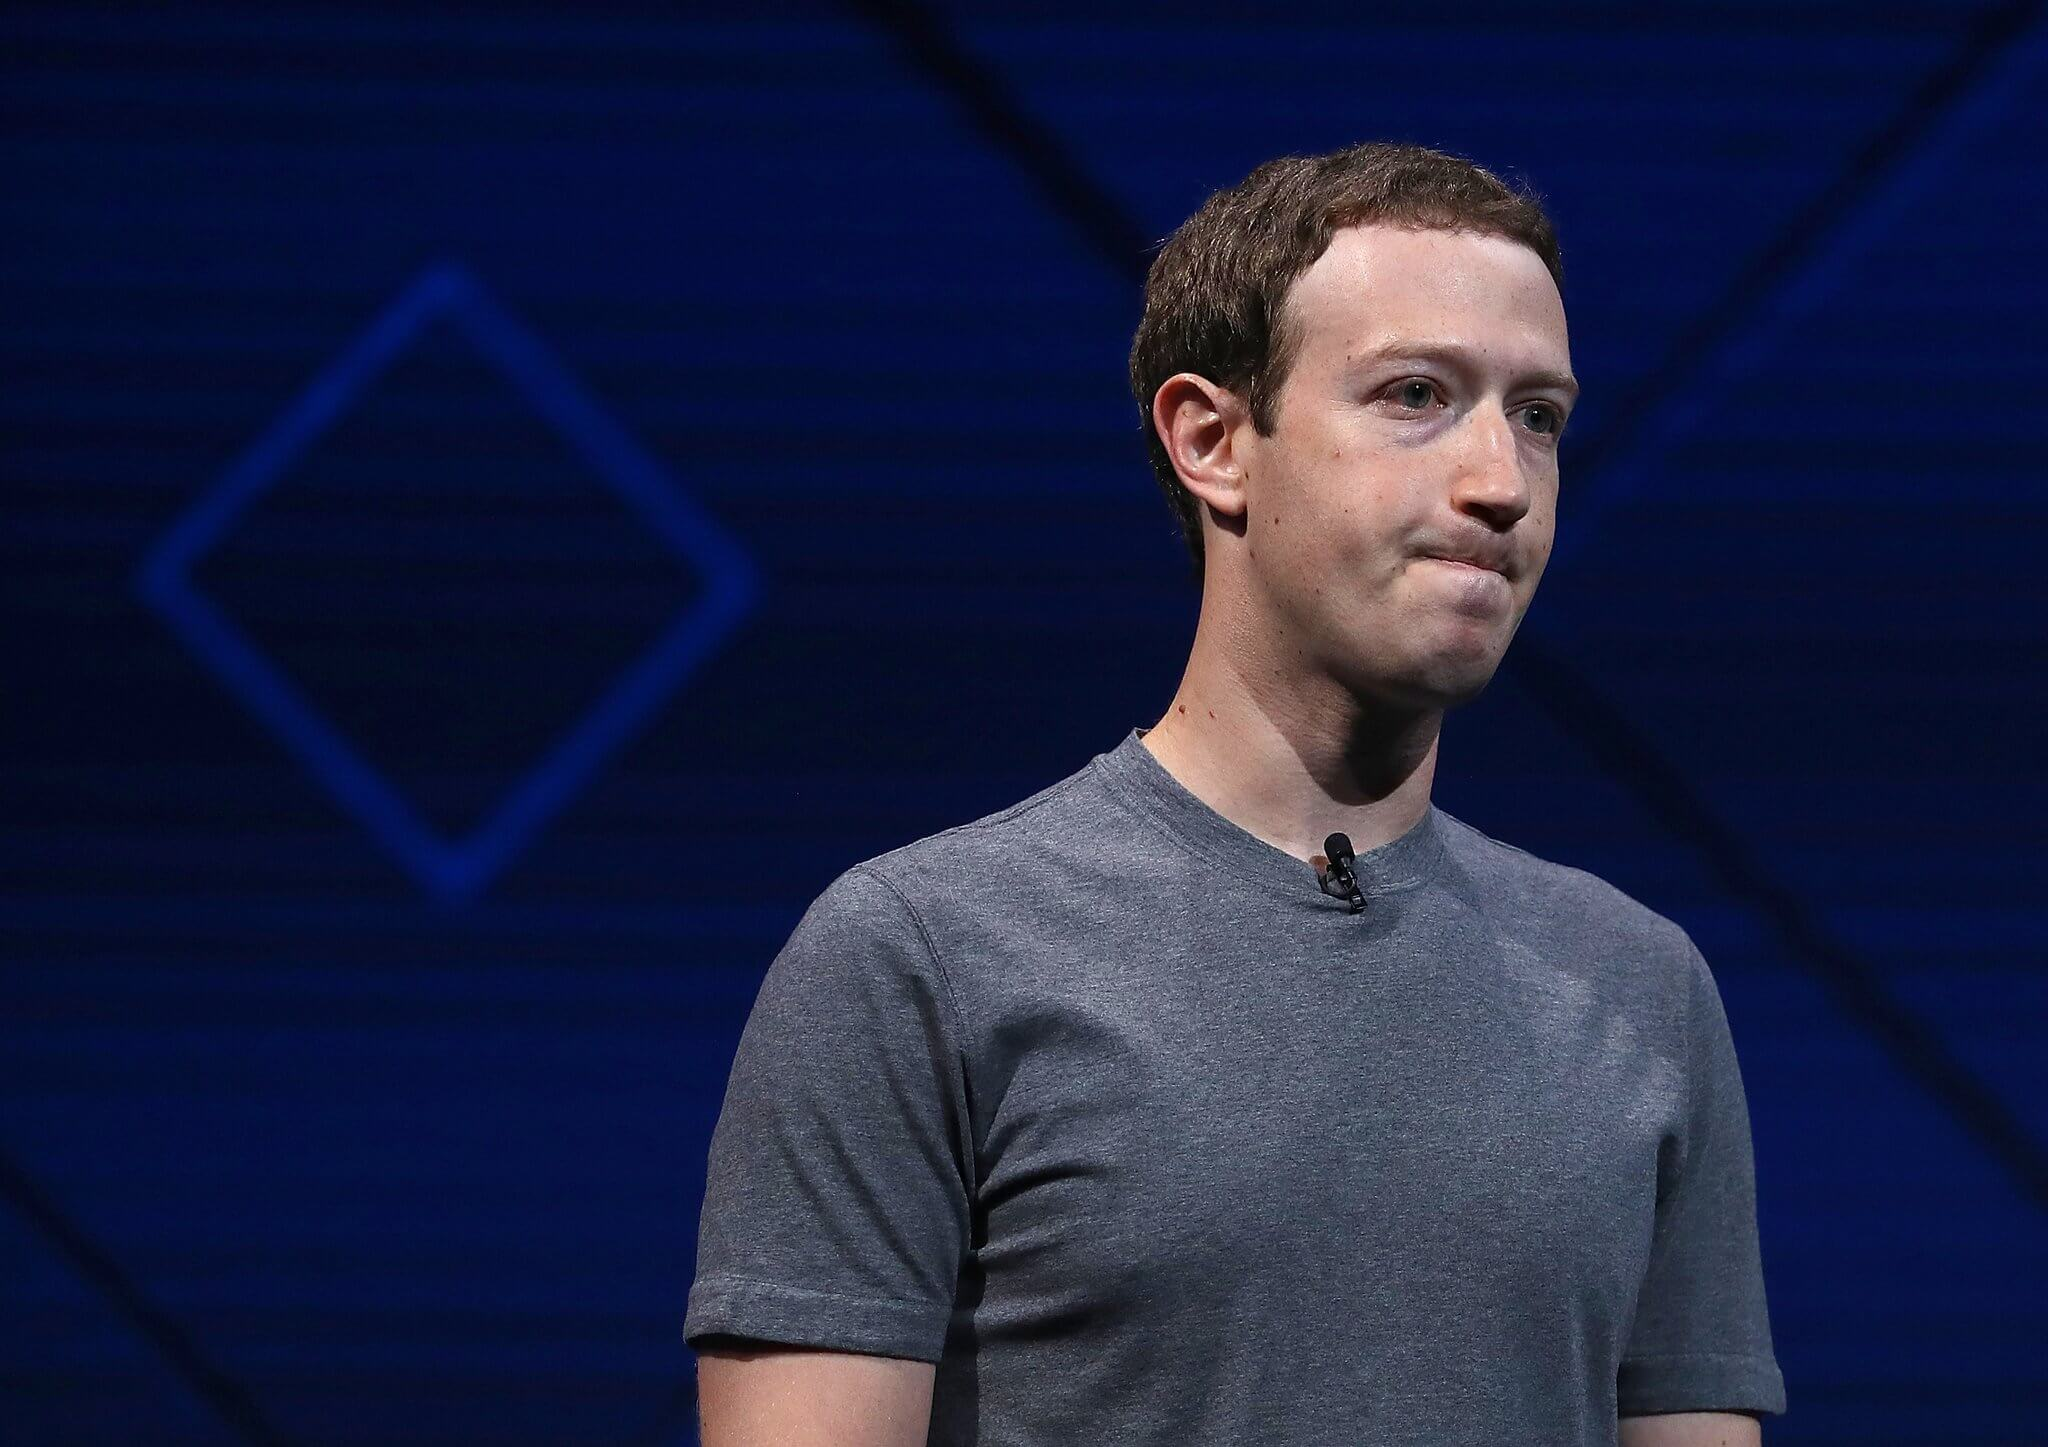 Facebook e serasa cancelam parceria após escândalo da cambridge analytica. O facebook mudou sua politica de anúncios devido ao caso da cambridge analytica, com isso a parceria com a base de dados do serasa foi encerrada.